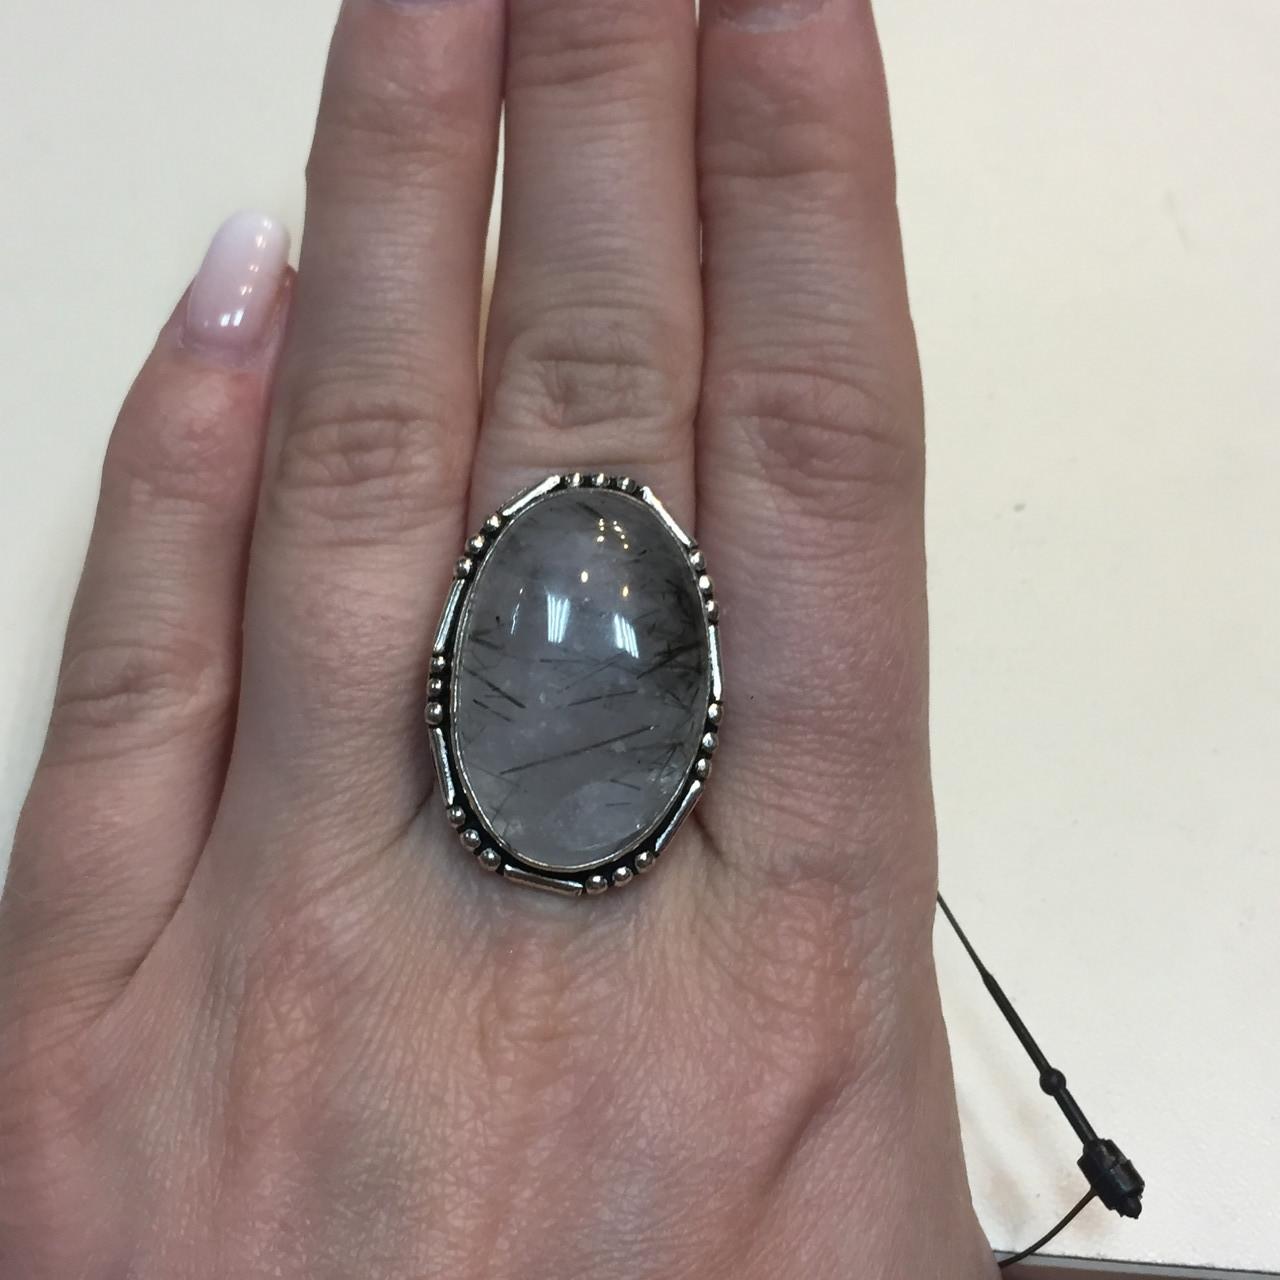 БРОНЬ Турмалиновый кварц кольцо овал с натуральным кварцем-волосатиком в серебре 18,5 размер Индия